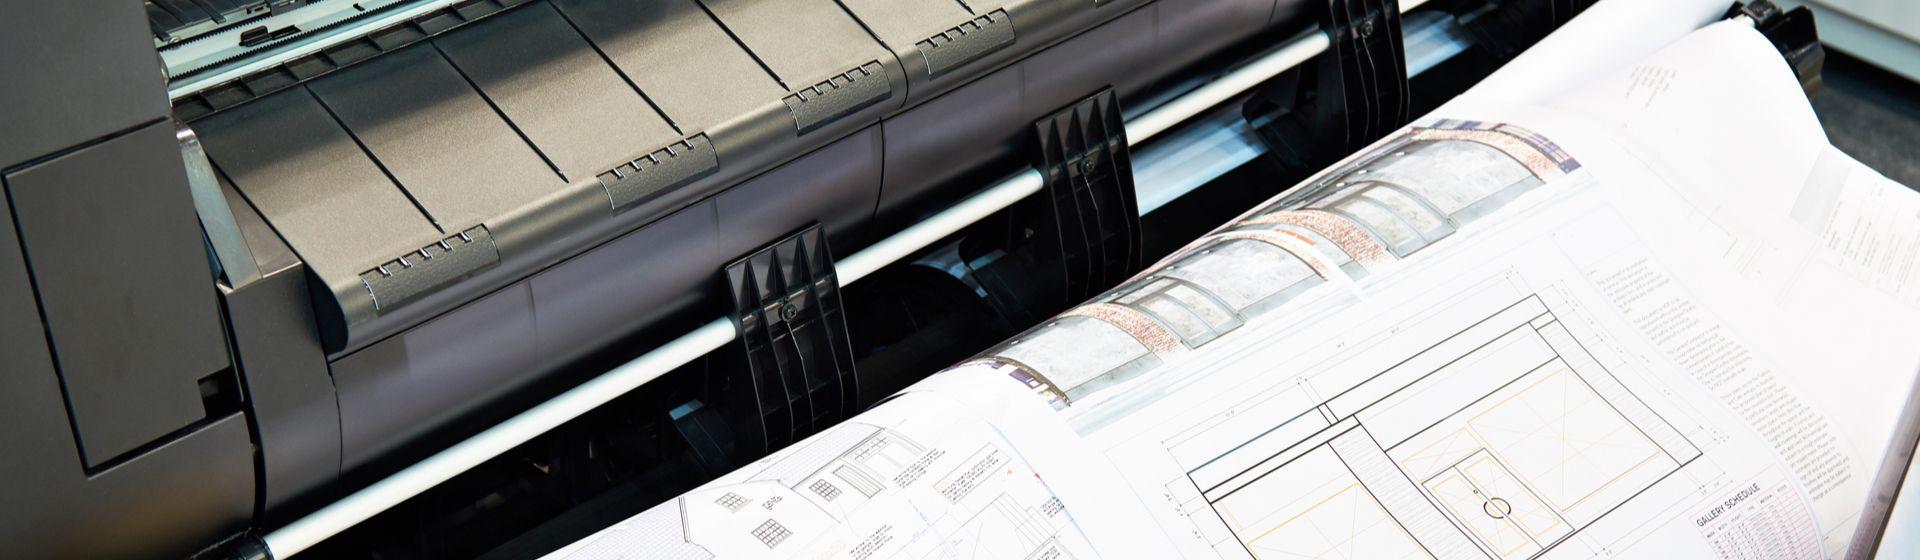 O que é uma impressora plotter? Entenda e veja bons modelos